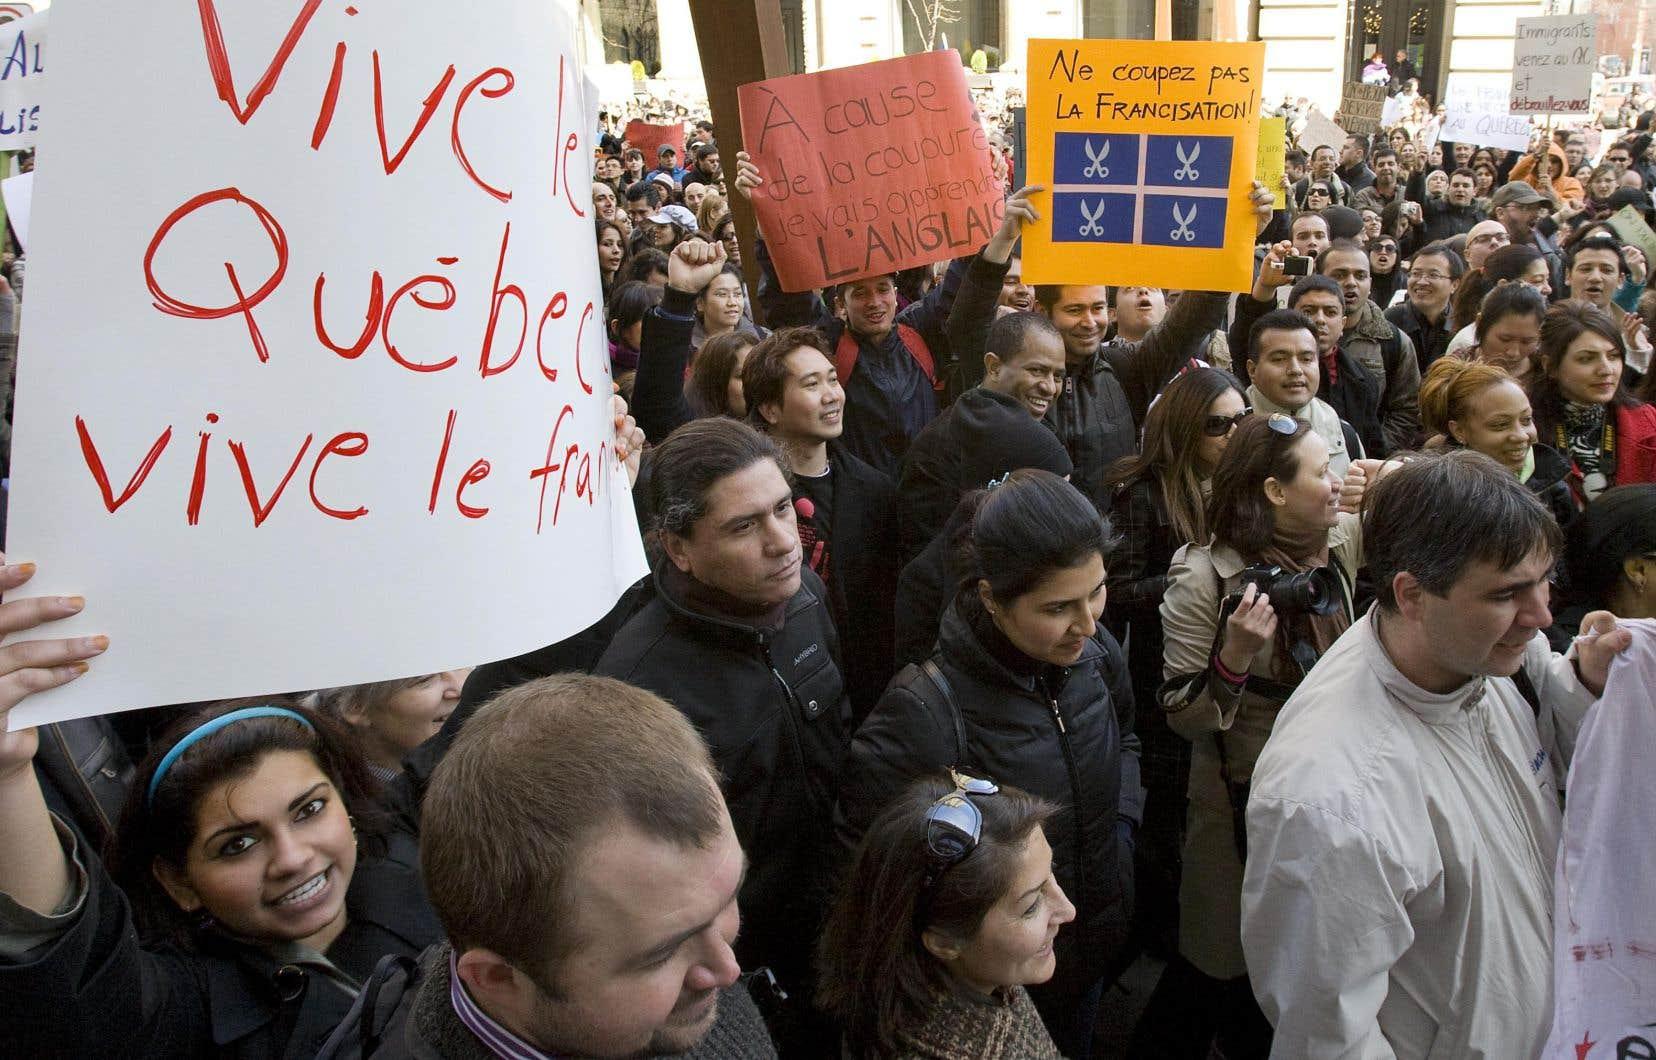 Manifestation, en 1990, contre l'abolition de 31 classes de francisation destinées aux immigrants. Aujourd'hui, le programme d'accueil des immigrants-entrepreneurs n'est assujetti à aucune exigence de connaissance du français.